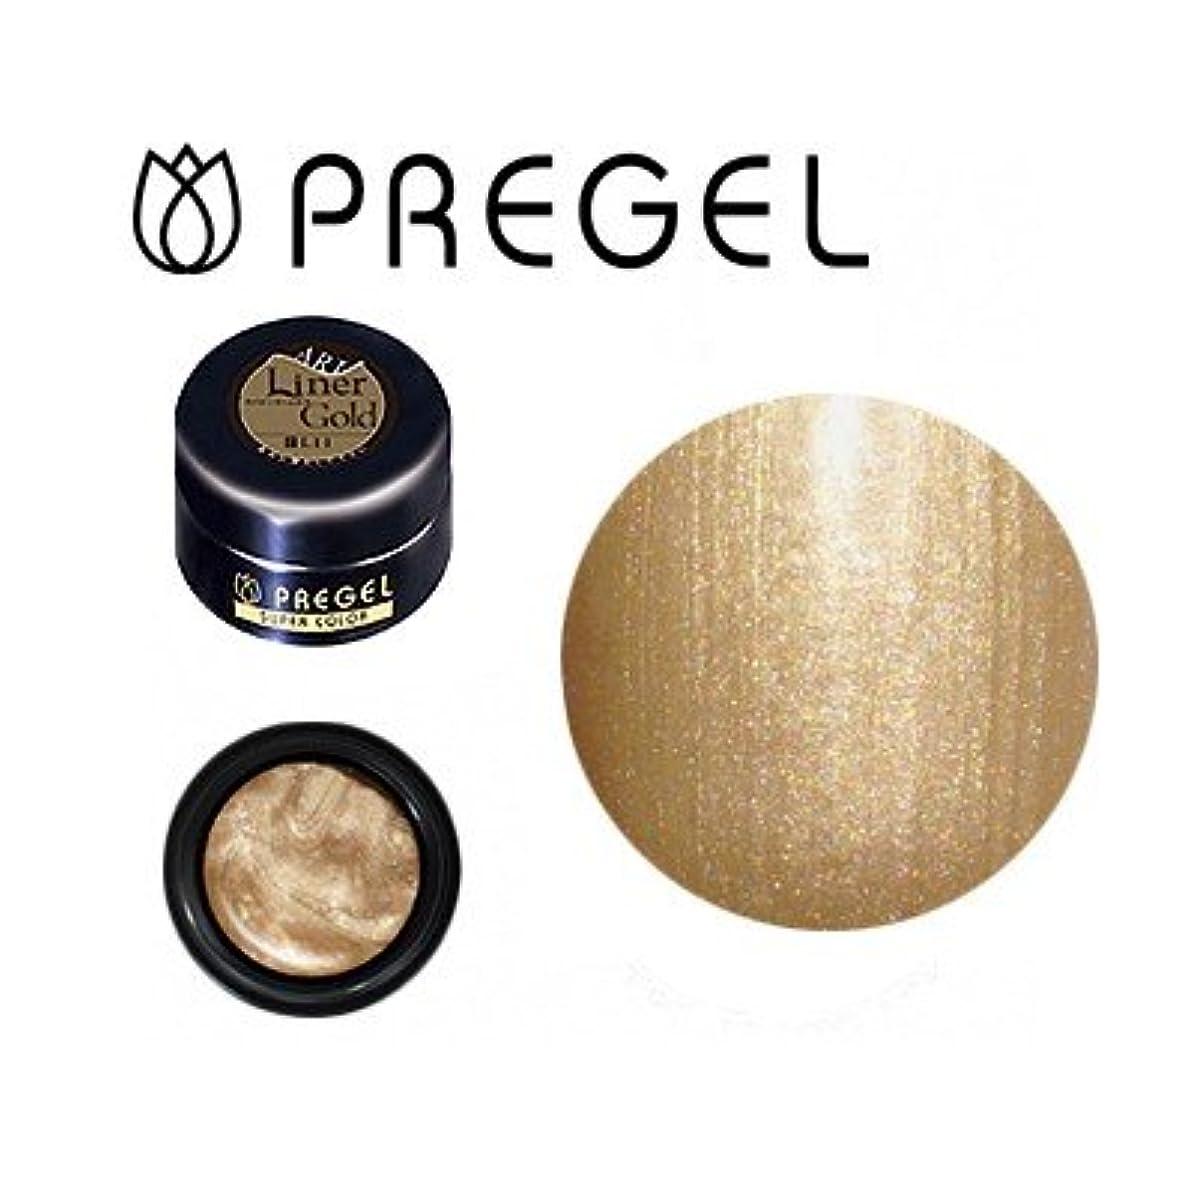 可愛いディスクセレナジェルネイル カラージェル プリジェル PREGEL スーパーカラーEx ライナーゴールド-P 4g